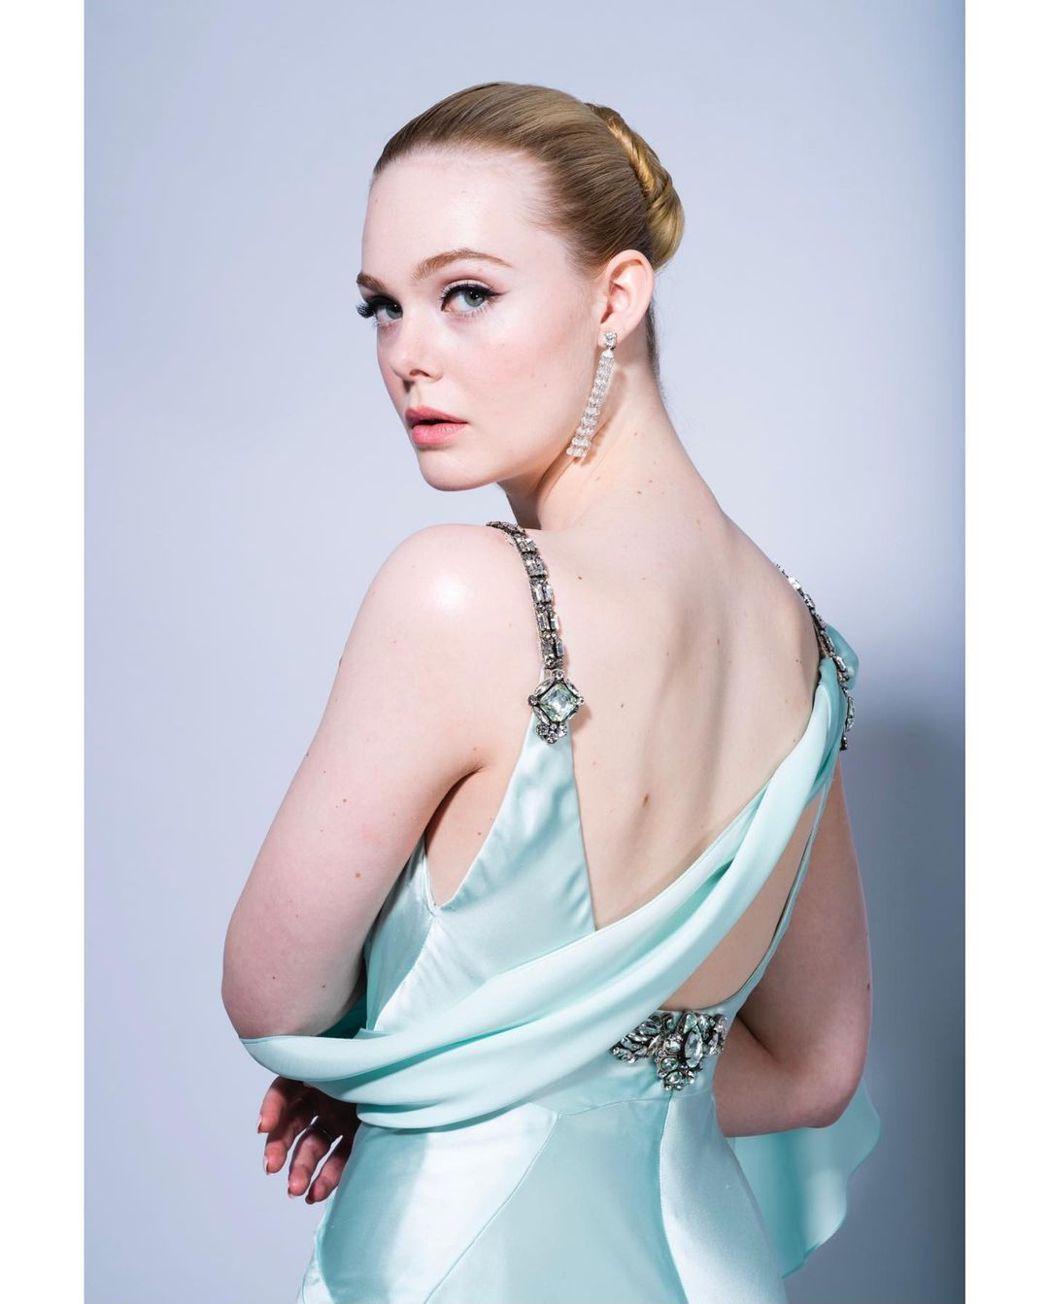 艾兒芬妮的Gucci緞面禮服同樣也流露復古女神魅力。圖/摘自IG